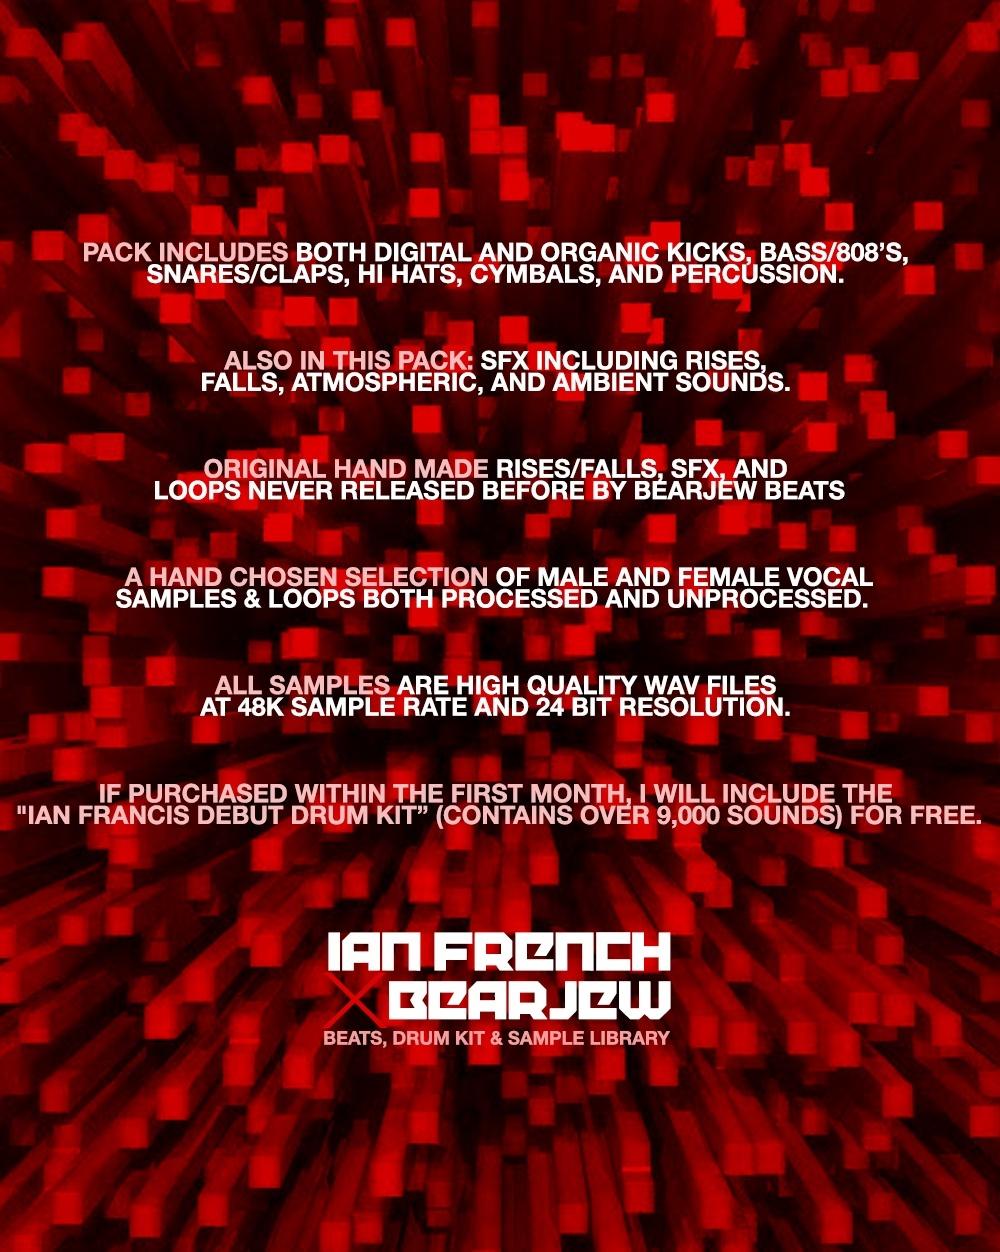 Ian French x BearJew Drumkit & Sound Library